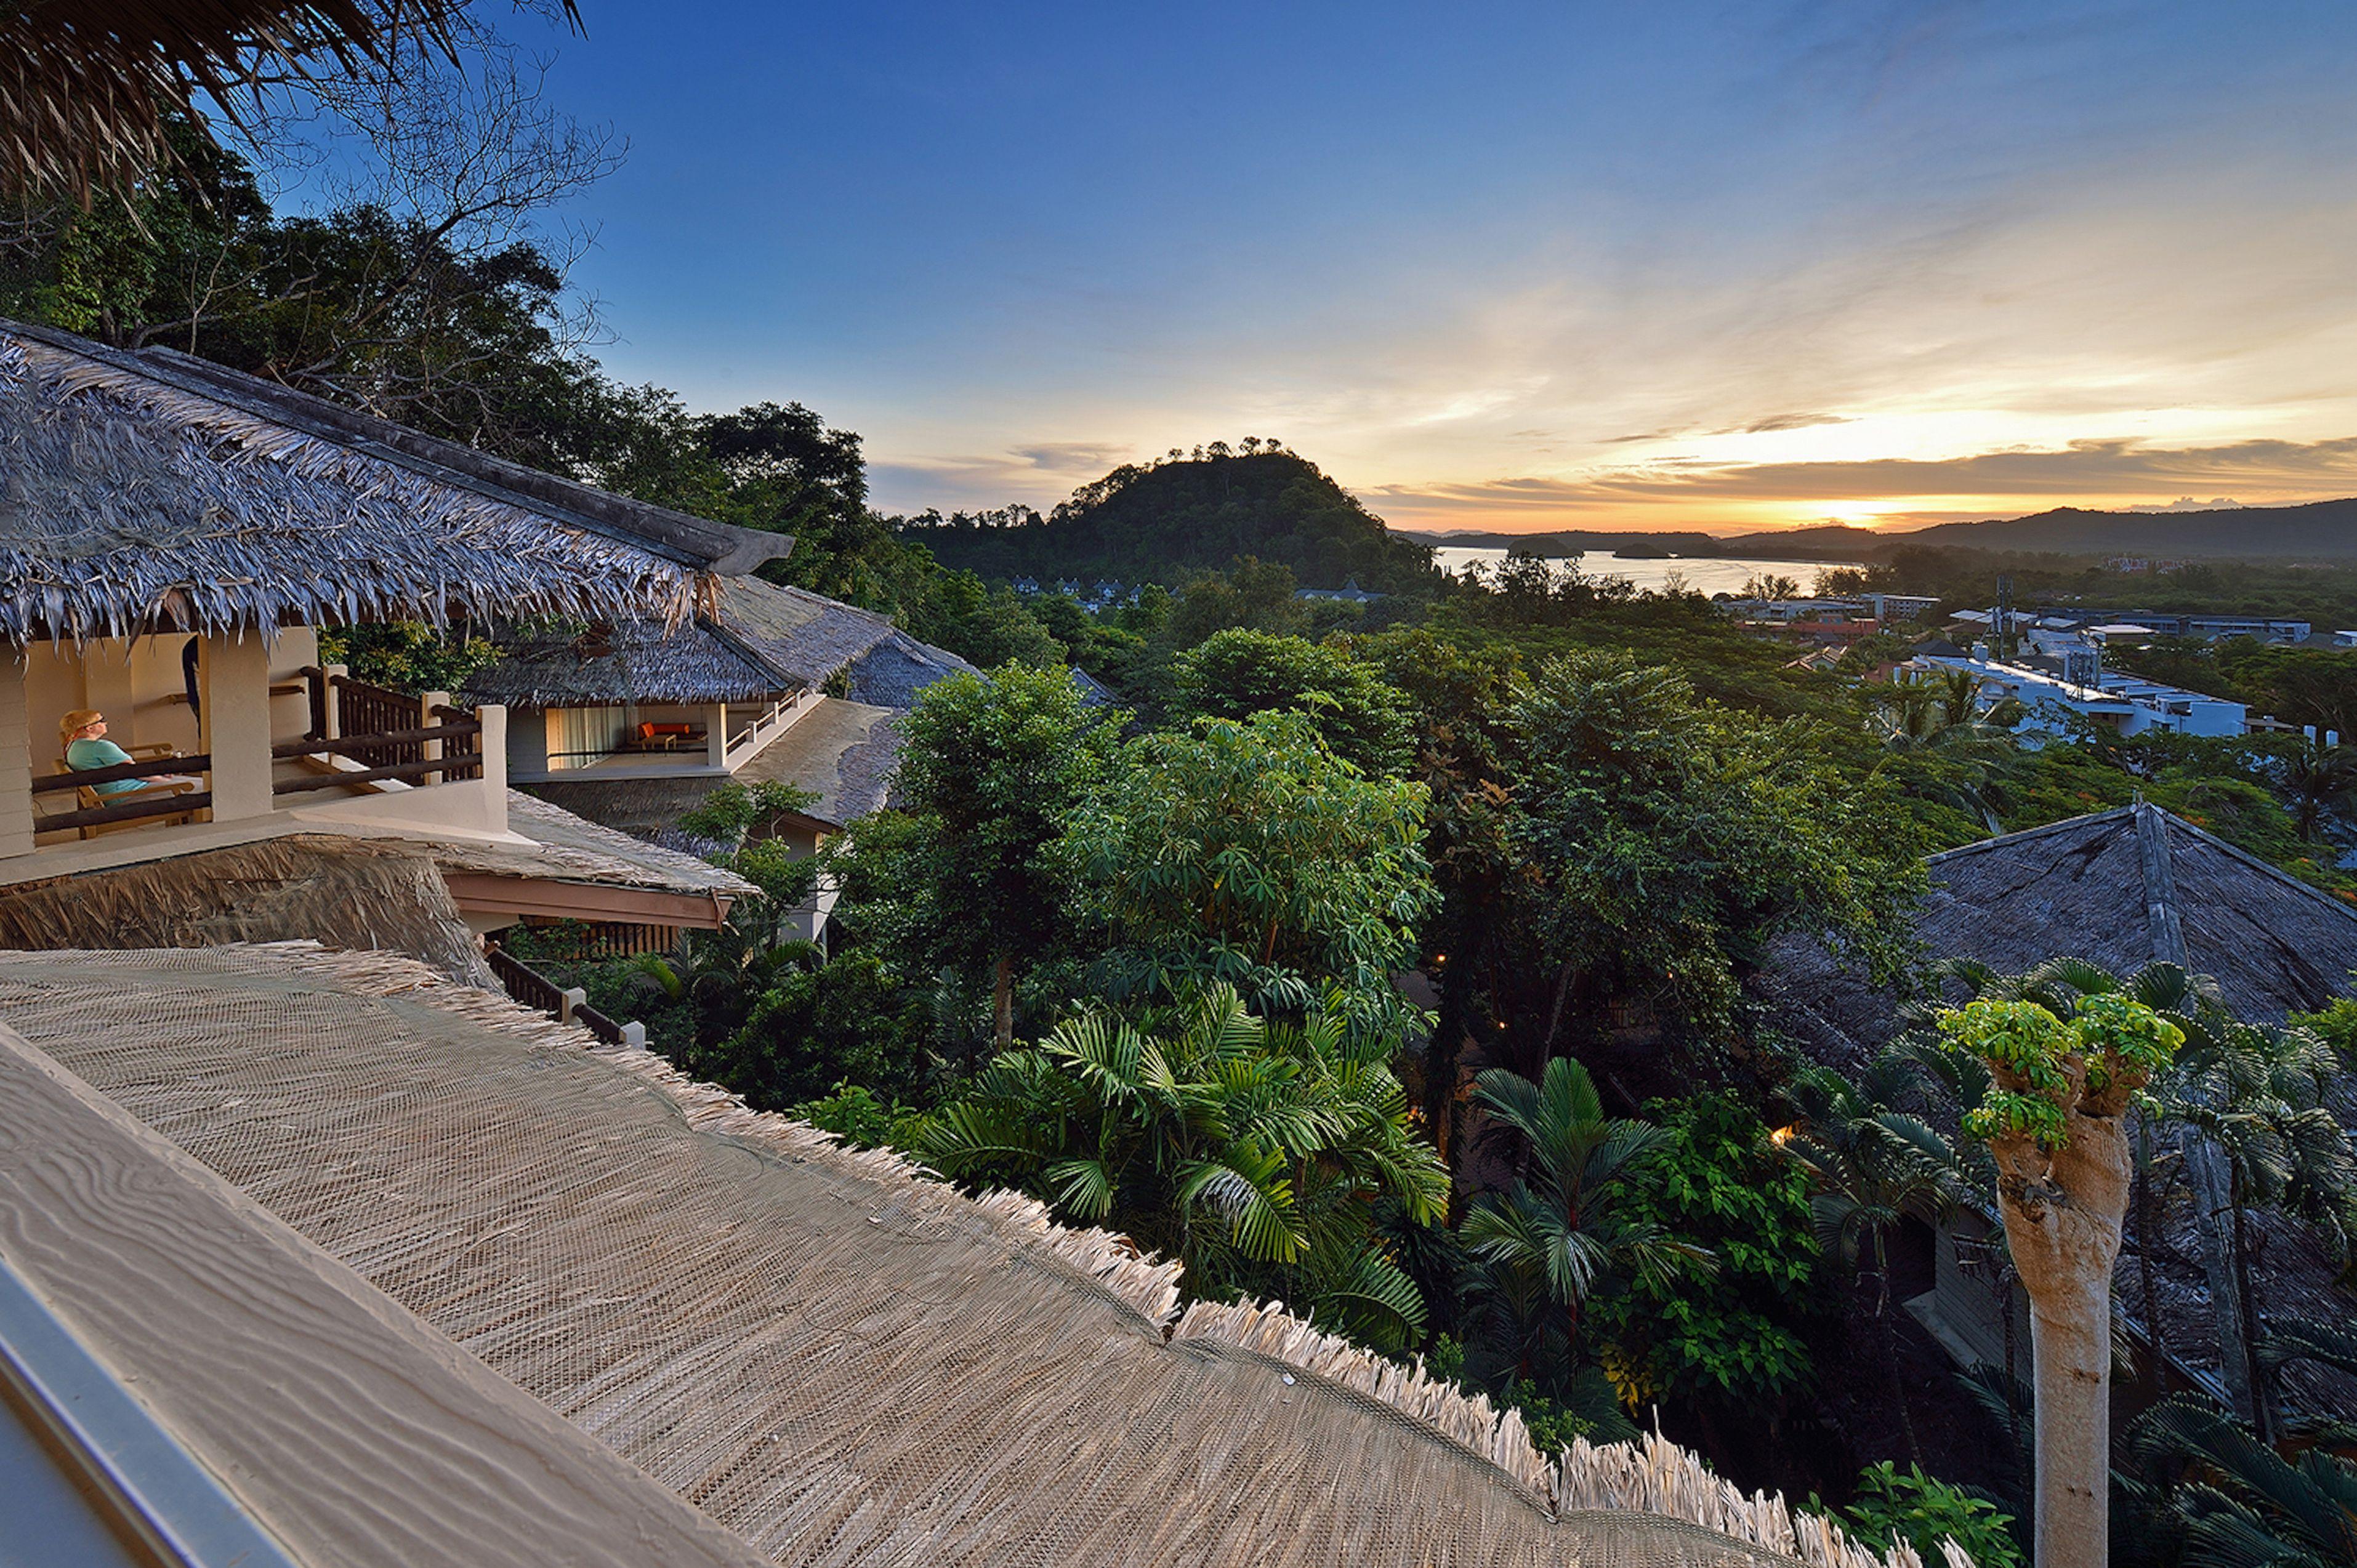 Thailand_Pakasai_Resort1.jpg?1555438567